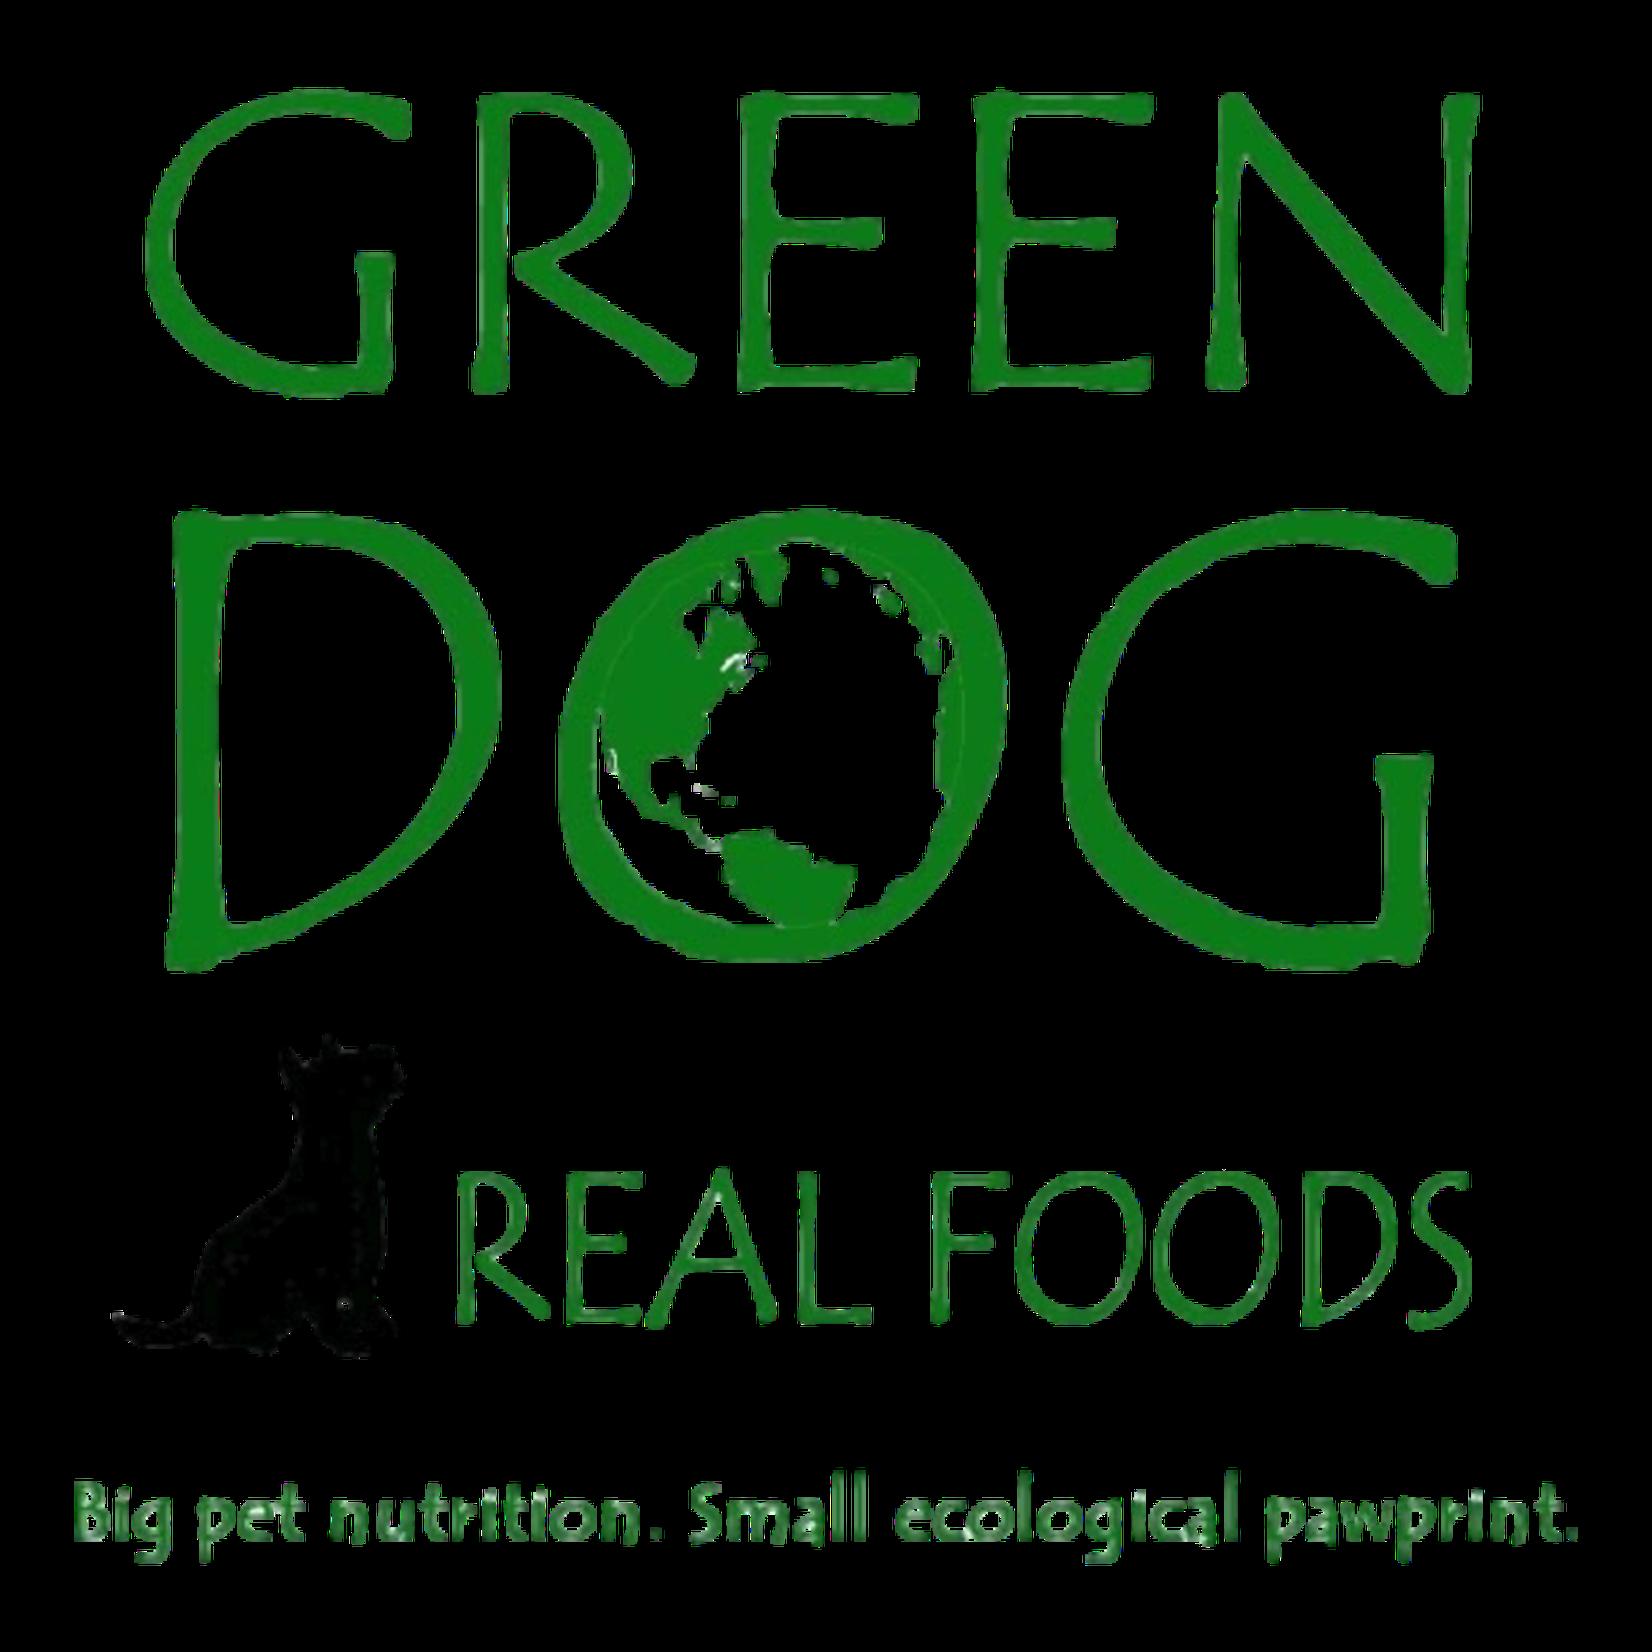 Green Dog Real Foods Pork & Pork Blends Raw Dog Food